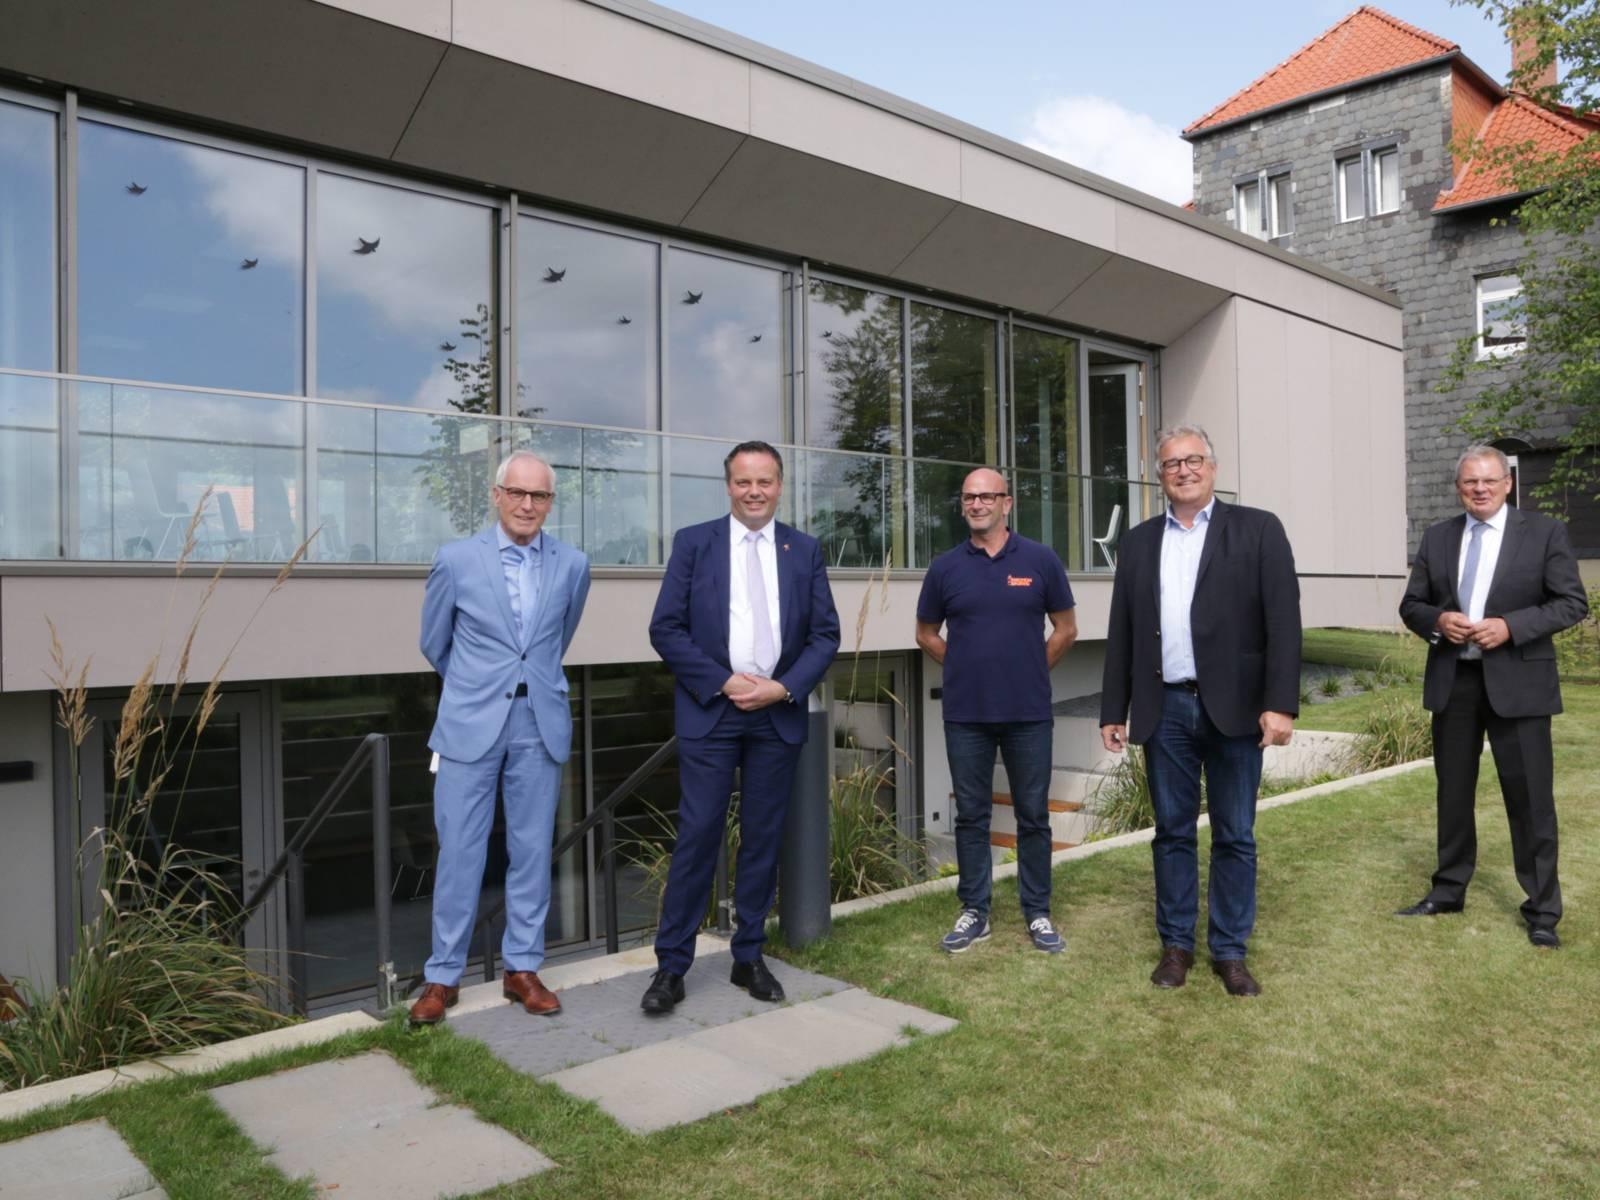 Vier Herren stehen vor einem neu gebauten Gebäude.